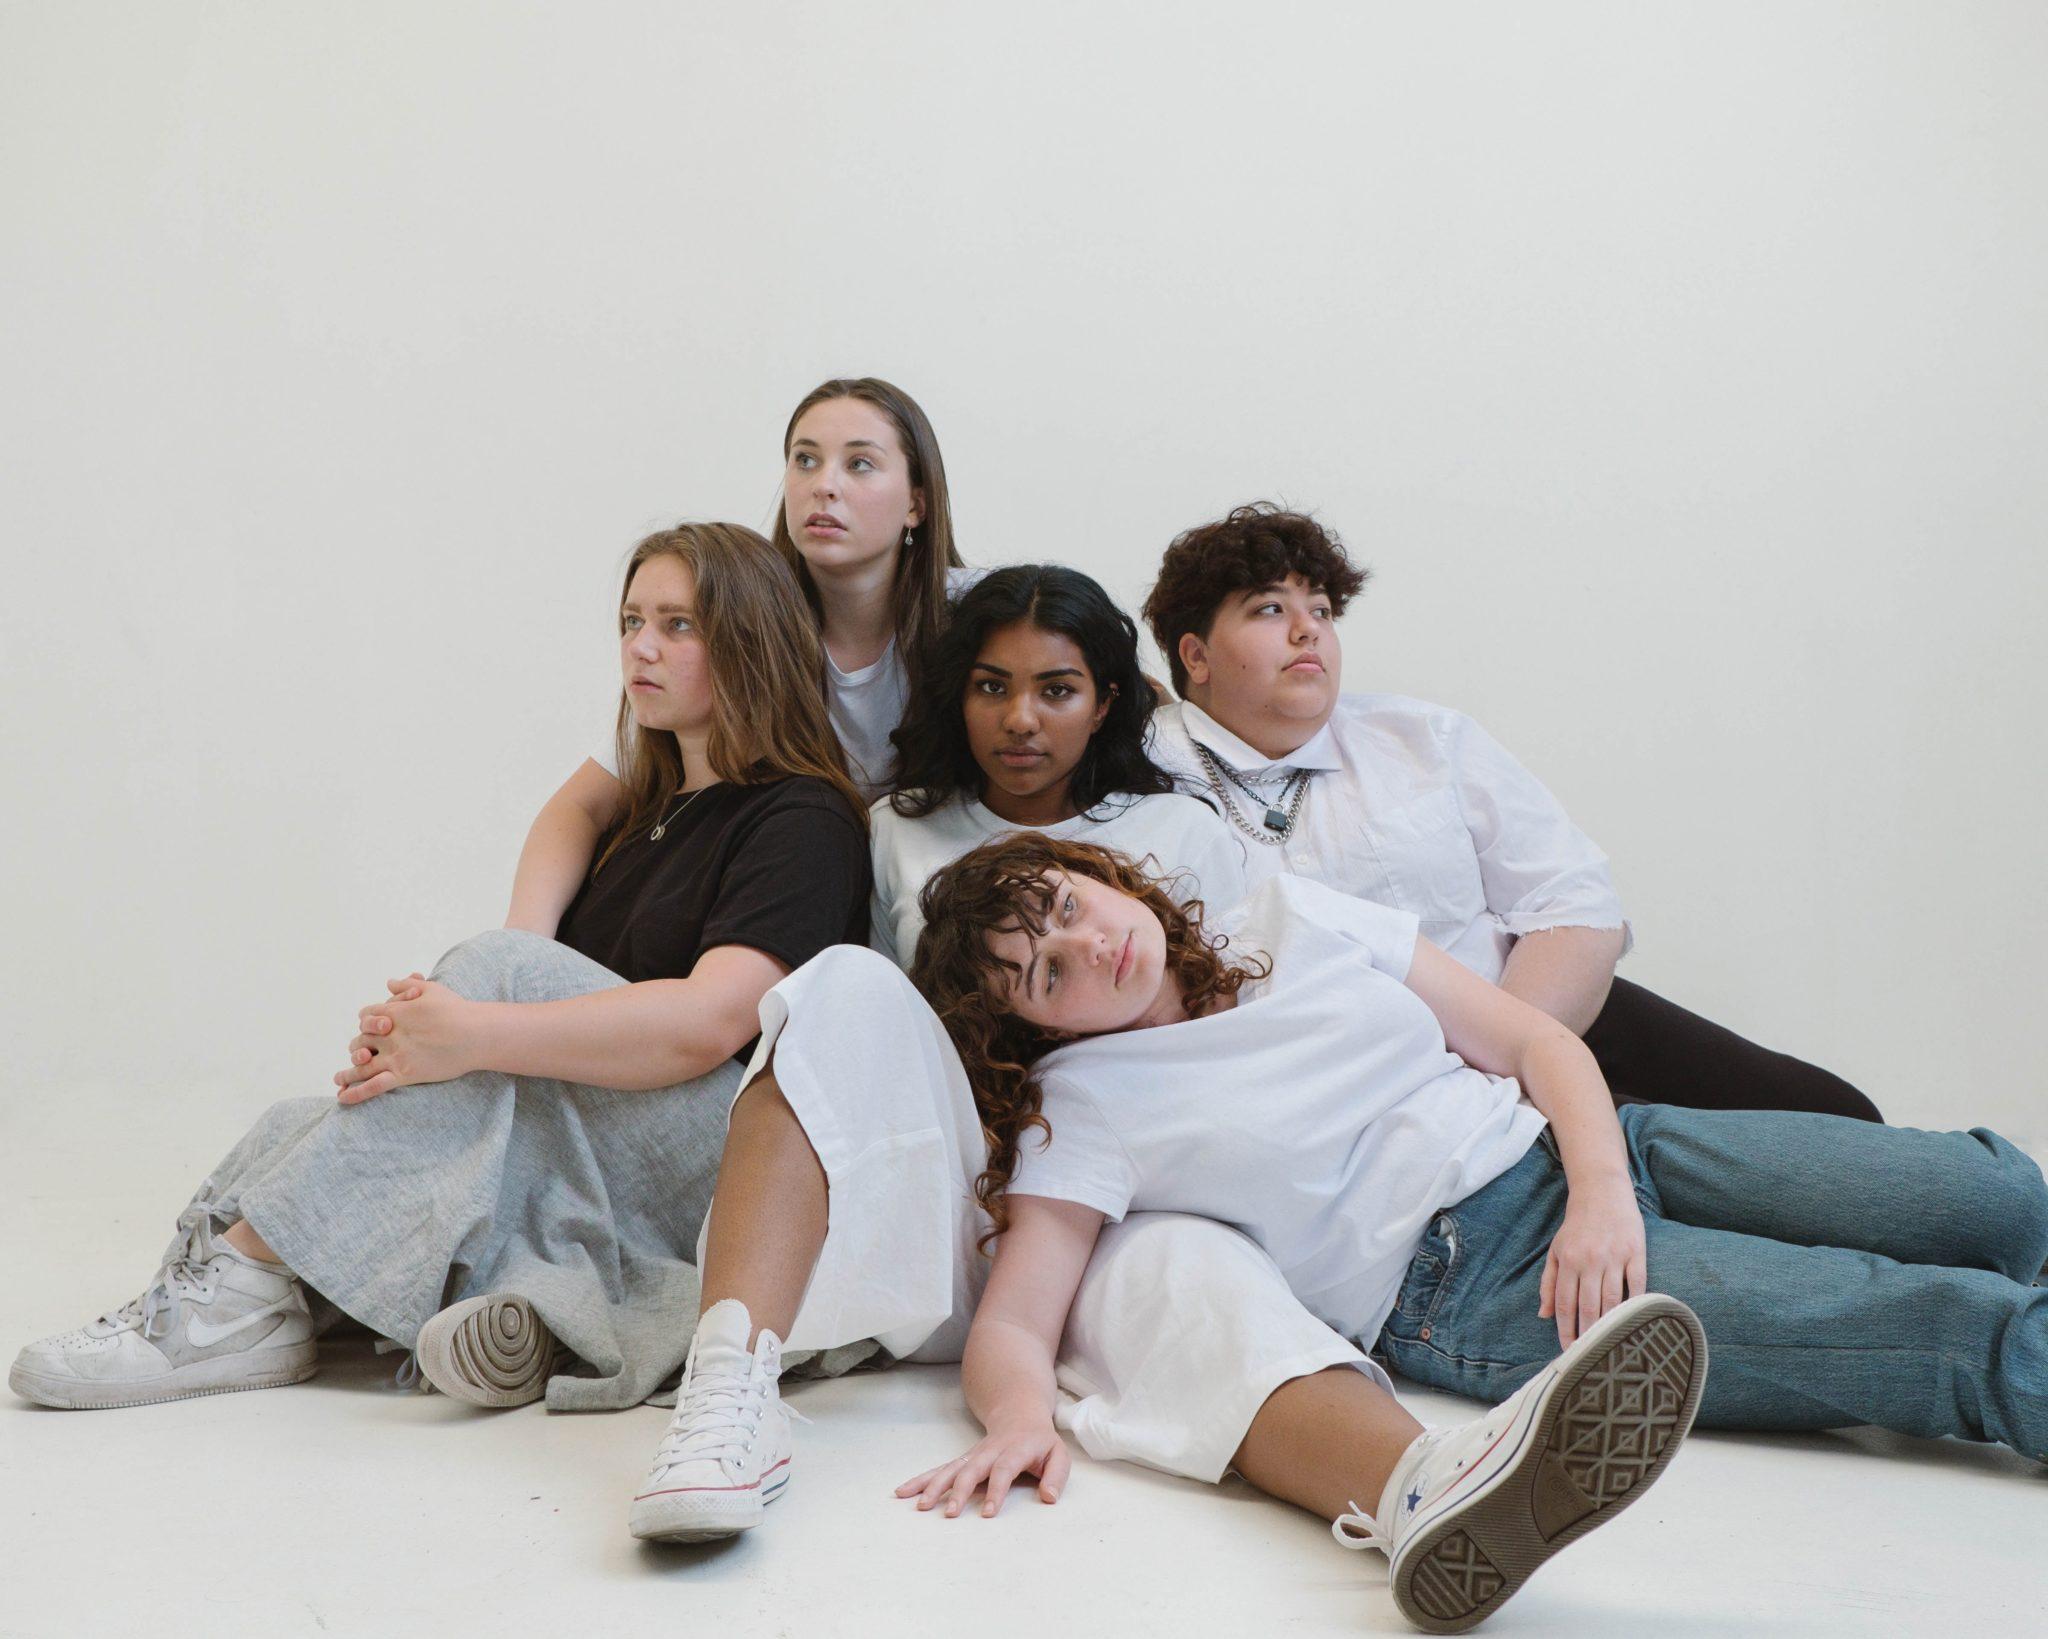 Bilde av en gruppe kvinner som ligger på gulvet. Det er til sammen fem kvinner, som støtter seg mot hverandre.